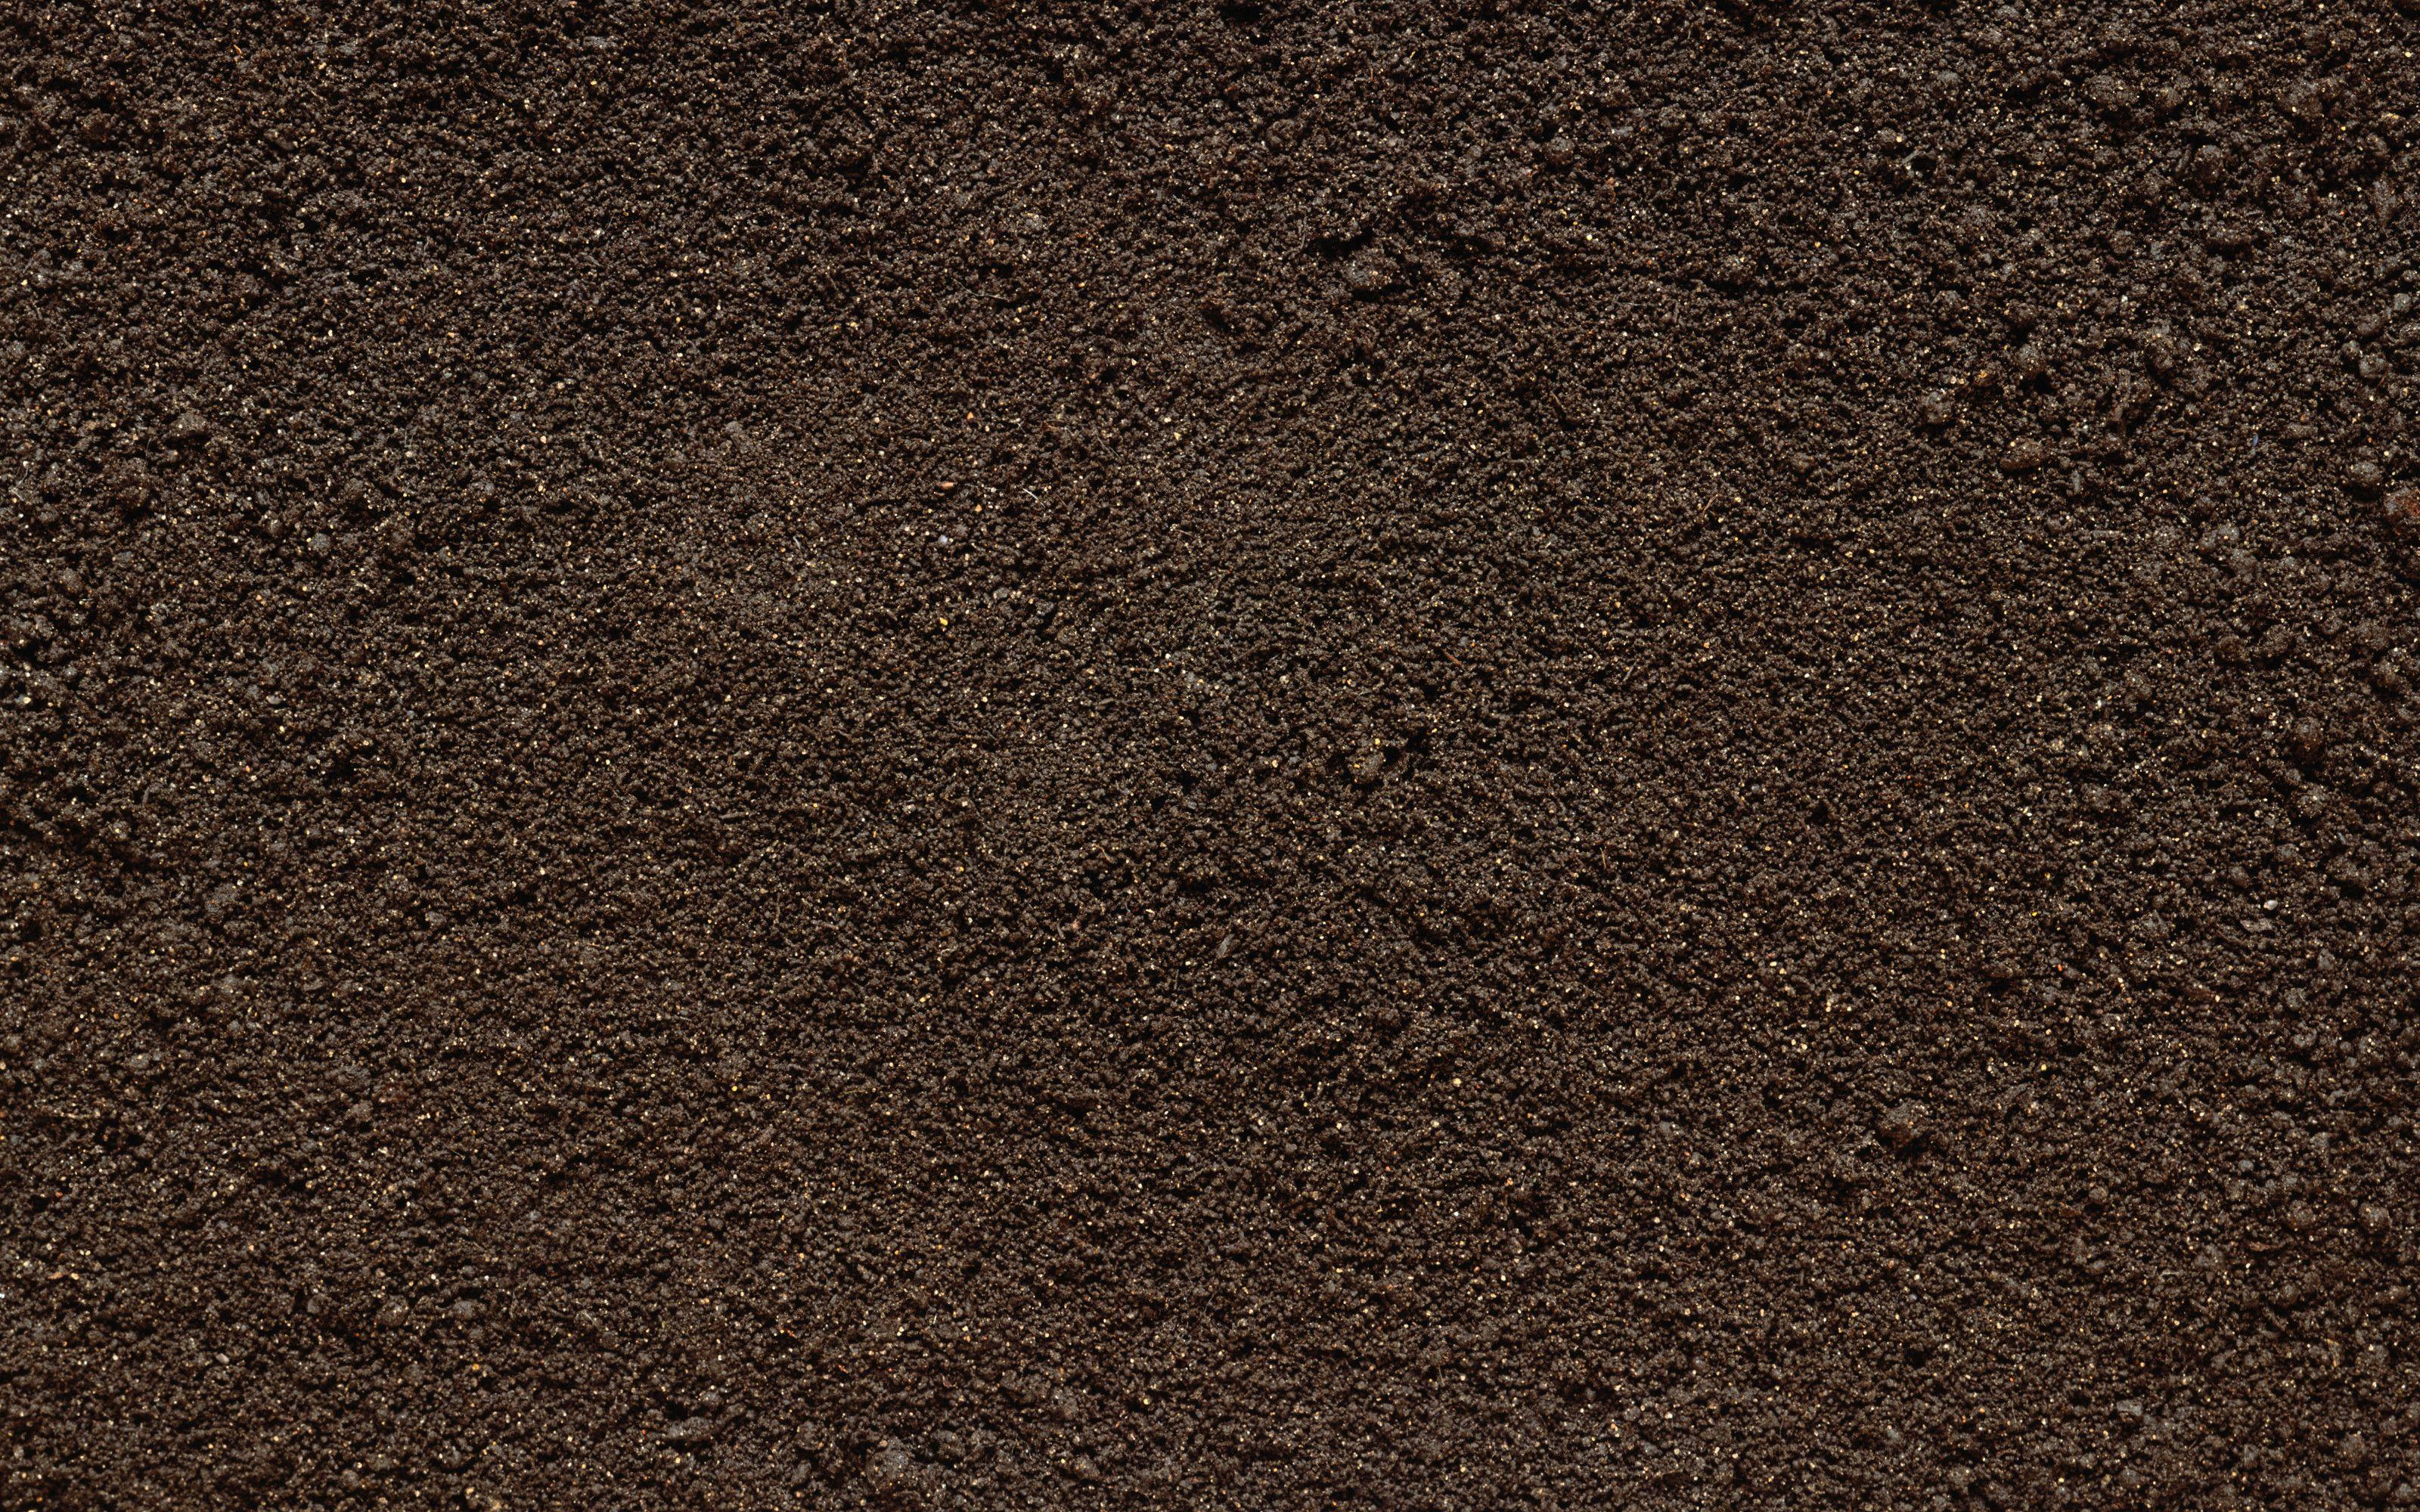 Tierra cafe texturas pinterest tierra caf y textura for Nivelar piso de tierra